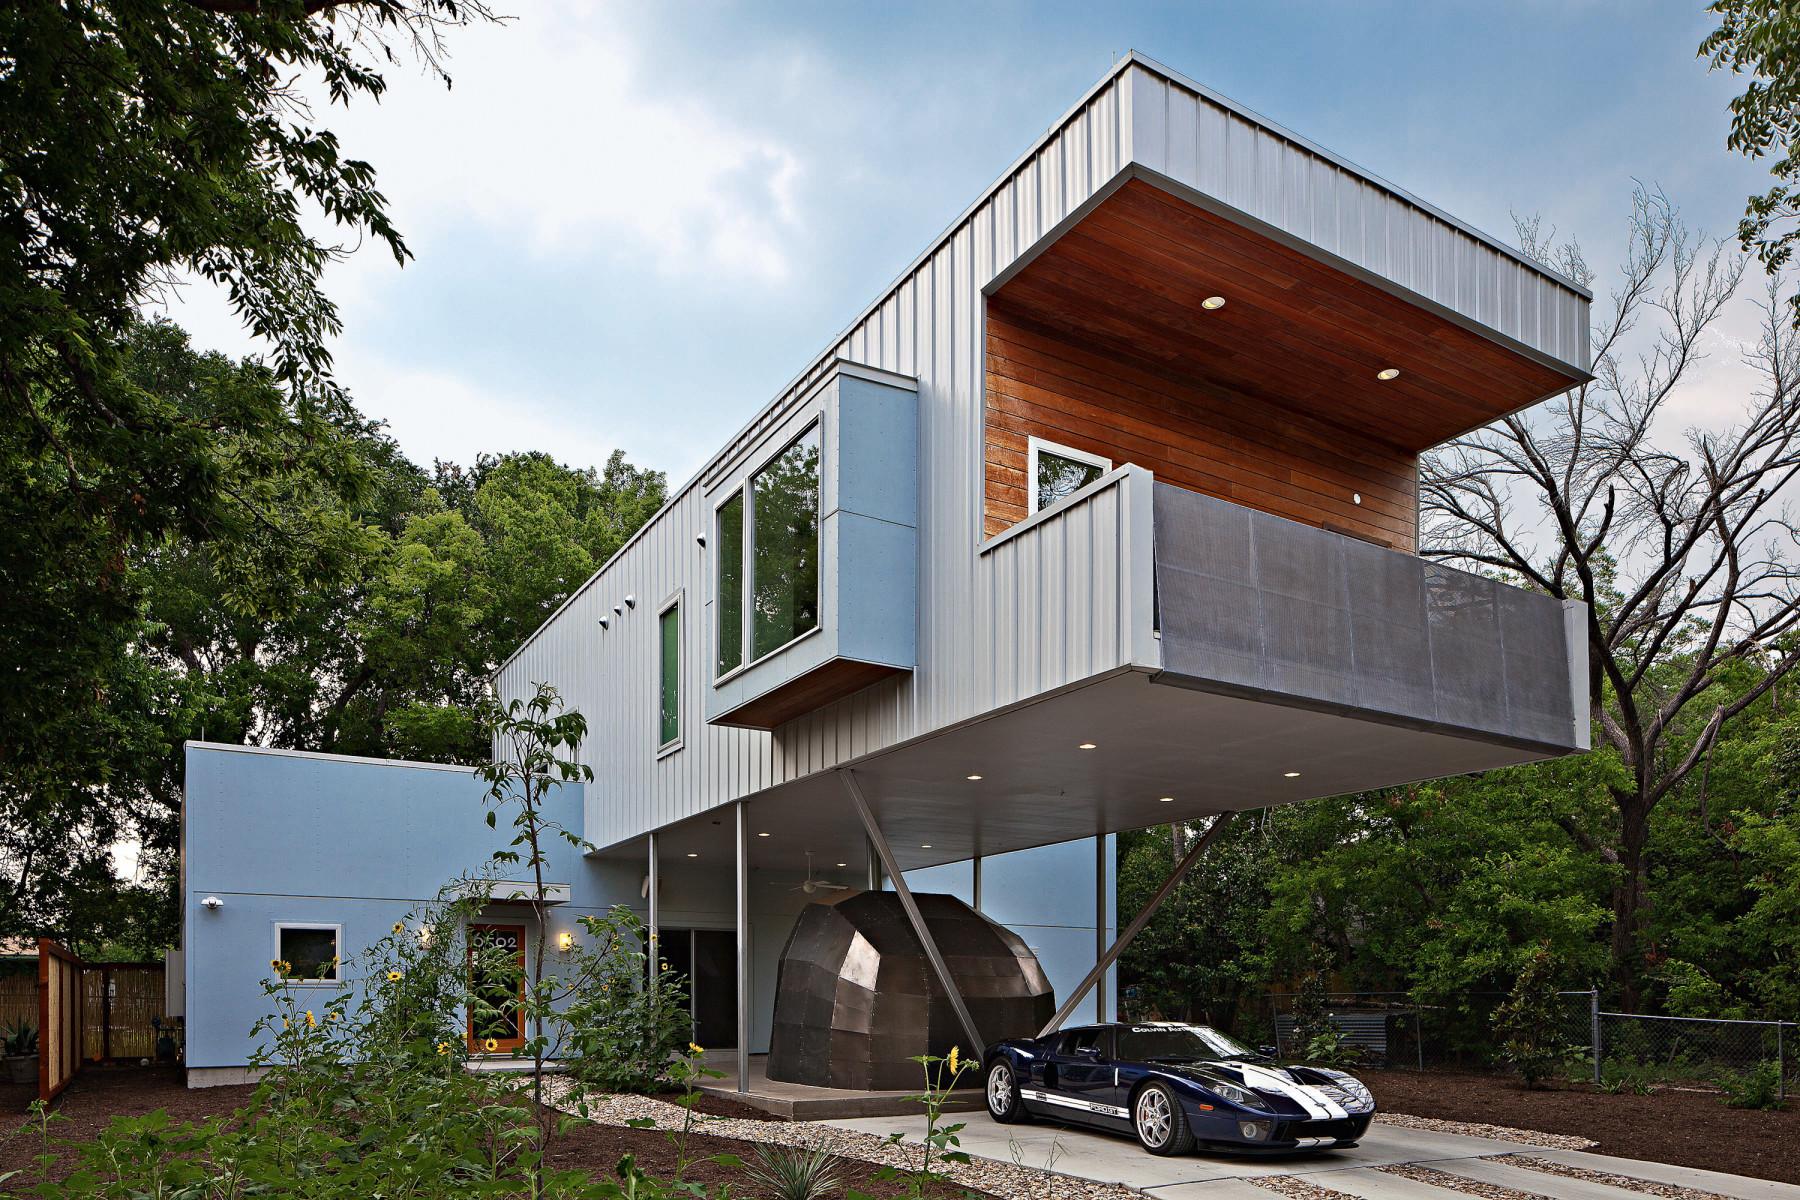 haus und auto internationale projekte. Black Bedroom Furniture Sets. Home Design Ideas